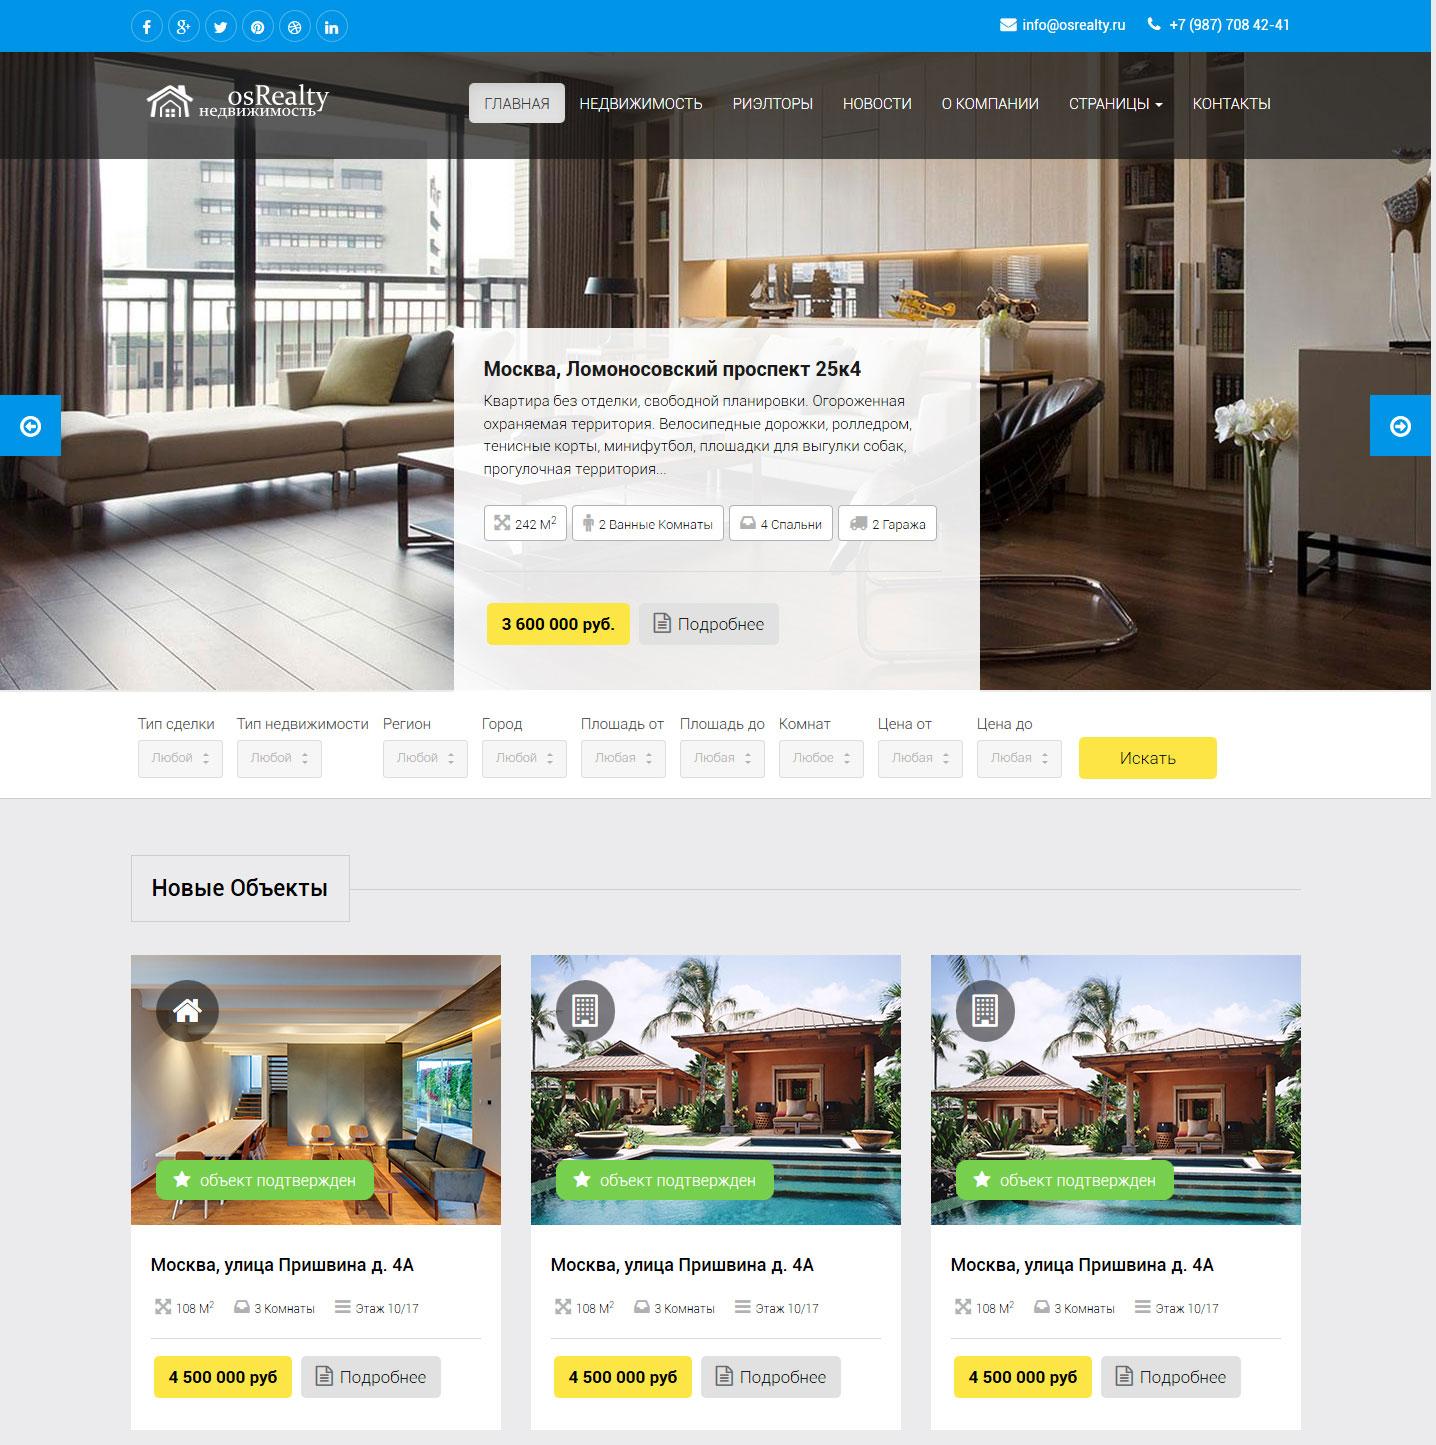 Сайт недвижимости битрикс скачать как установить модуль 1с битрикс